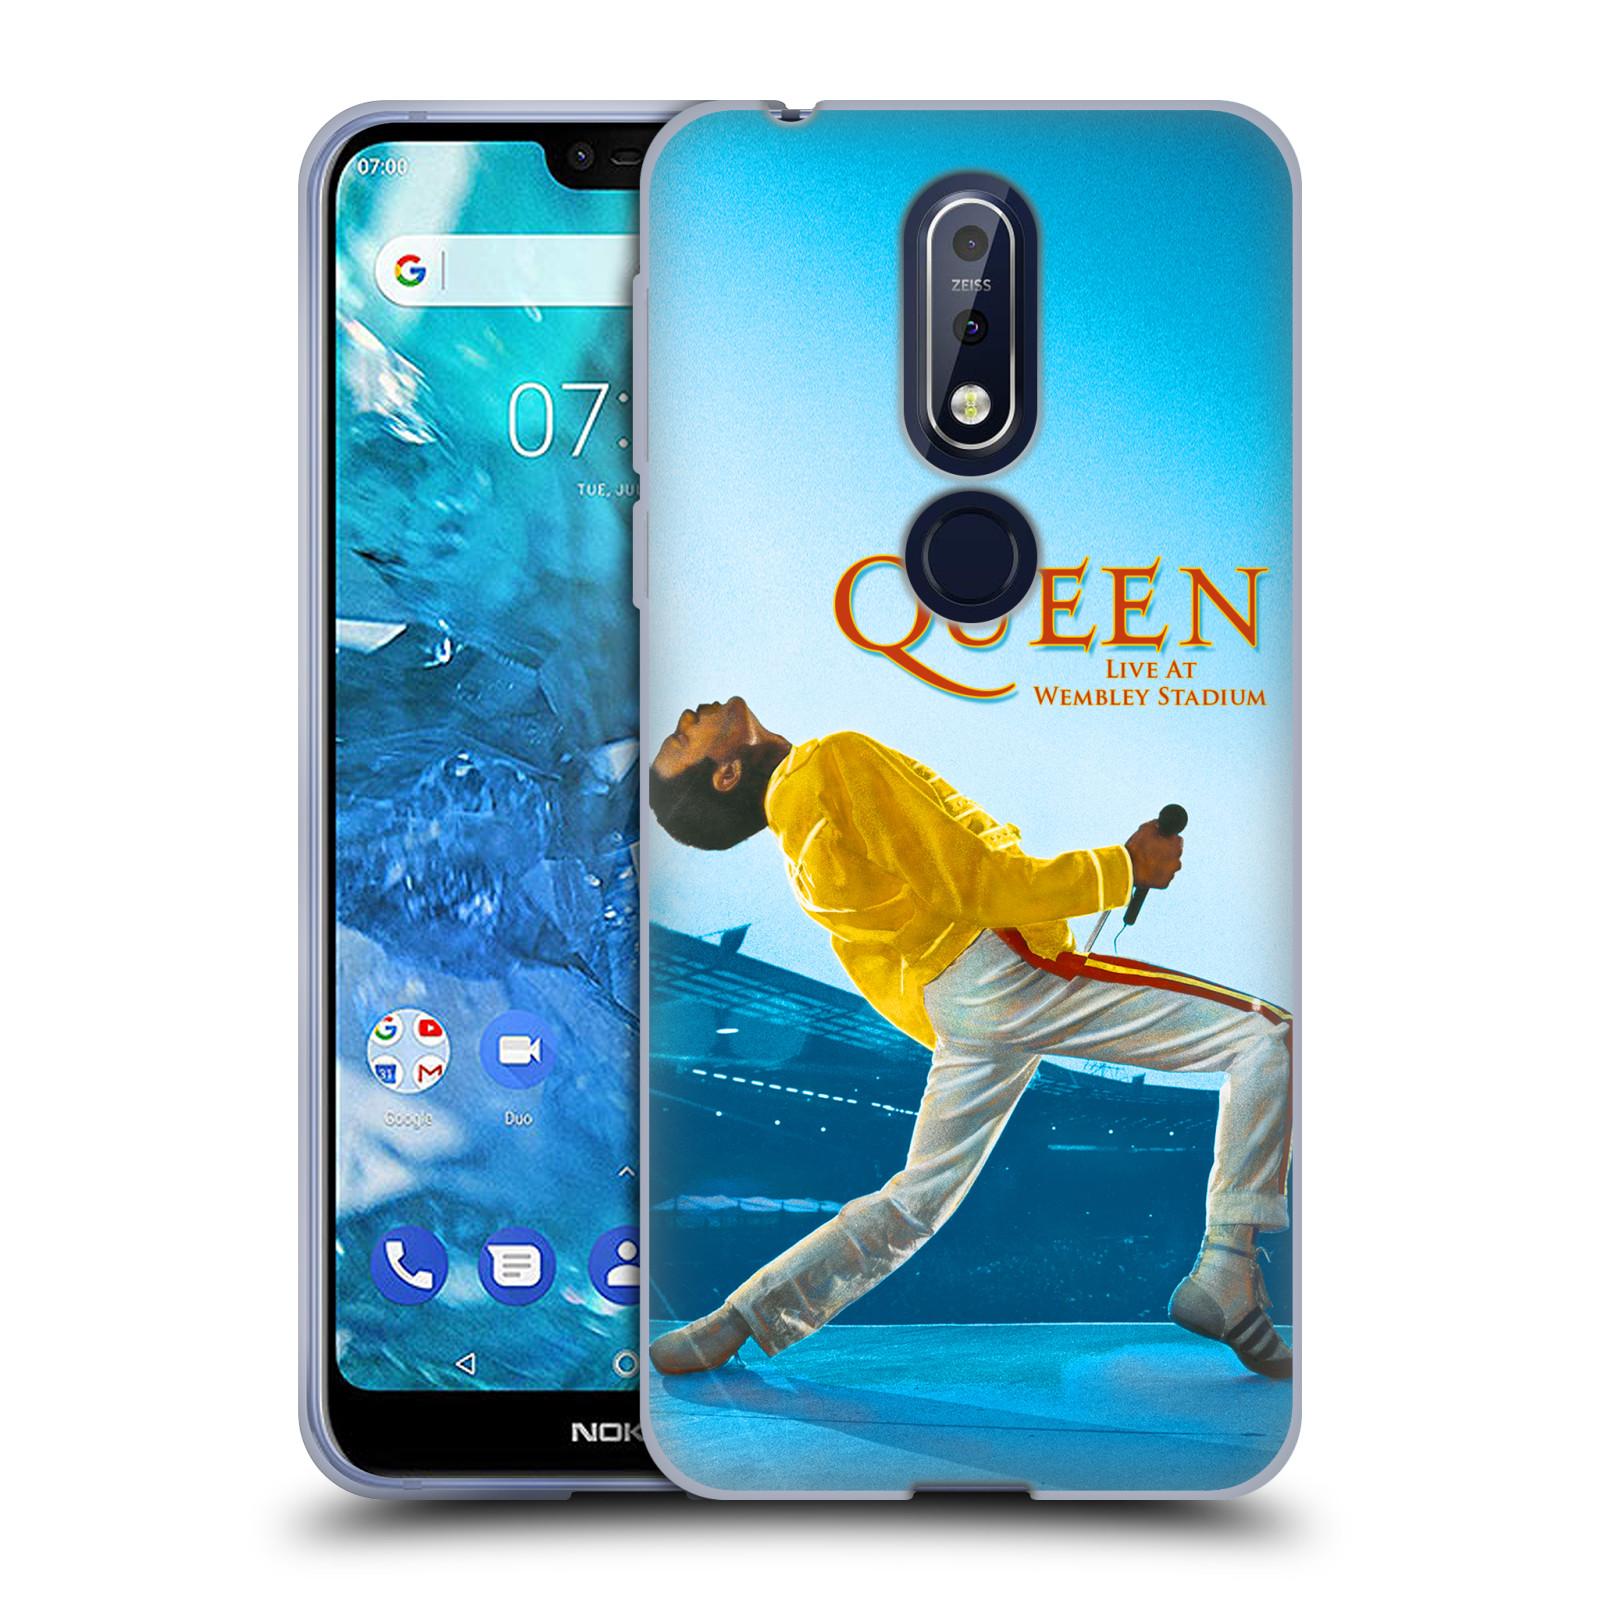 Silikonové pouzdro na mobil Nokia 7.1 - Head Case - Queen - Freddie Mercury